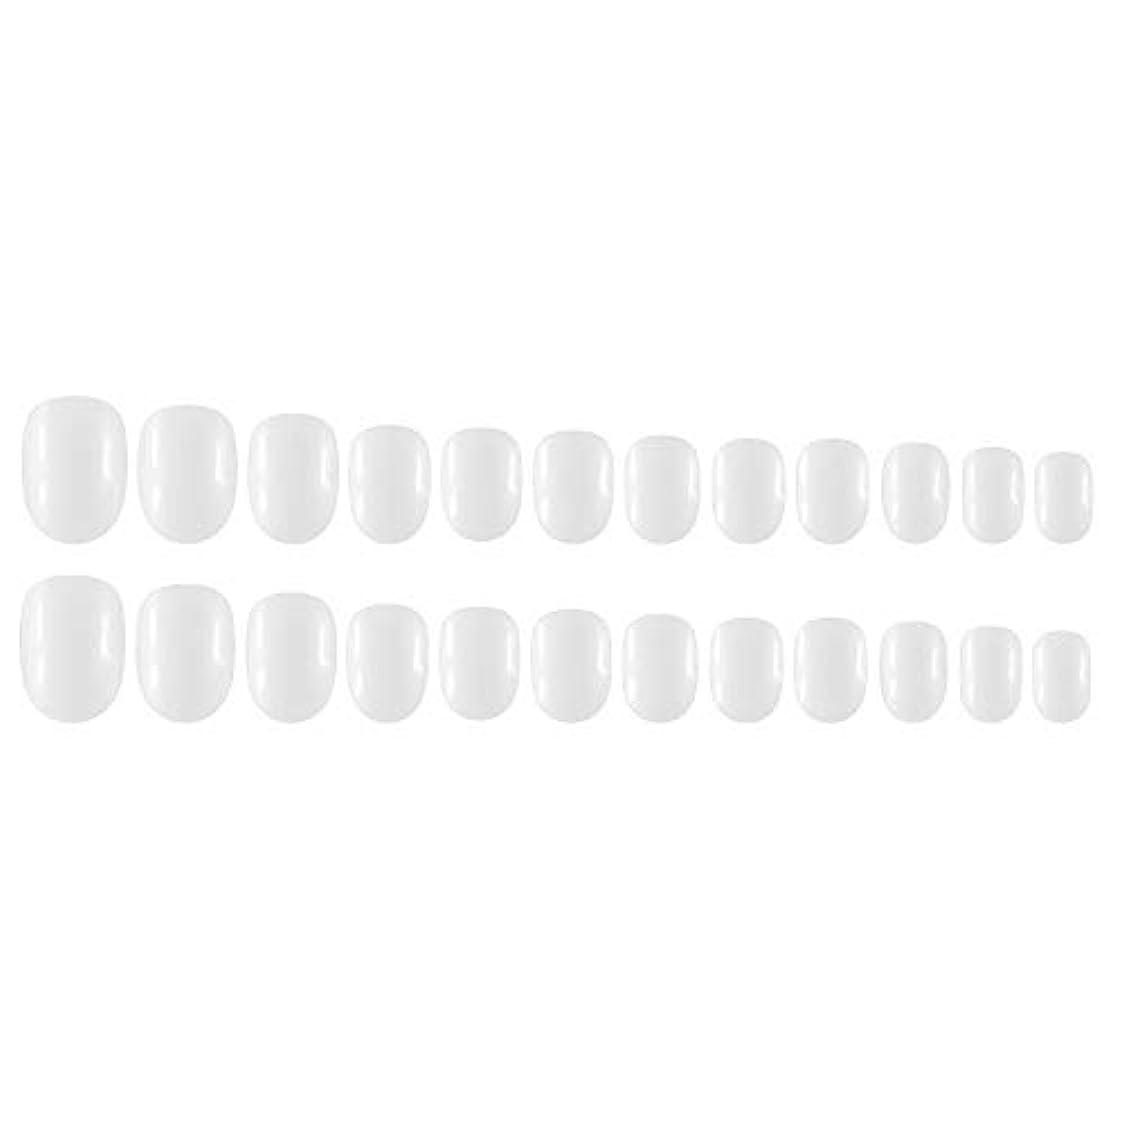 自発的勘違いする包括的Decdeal Decdeal ネイルチップ 24ピース 12異なるサイズ diy サロン ネイルアートツール 偽